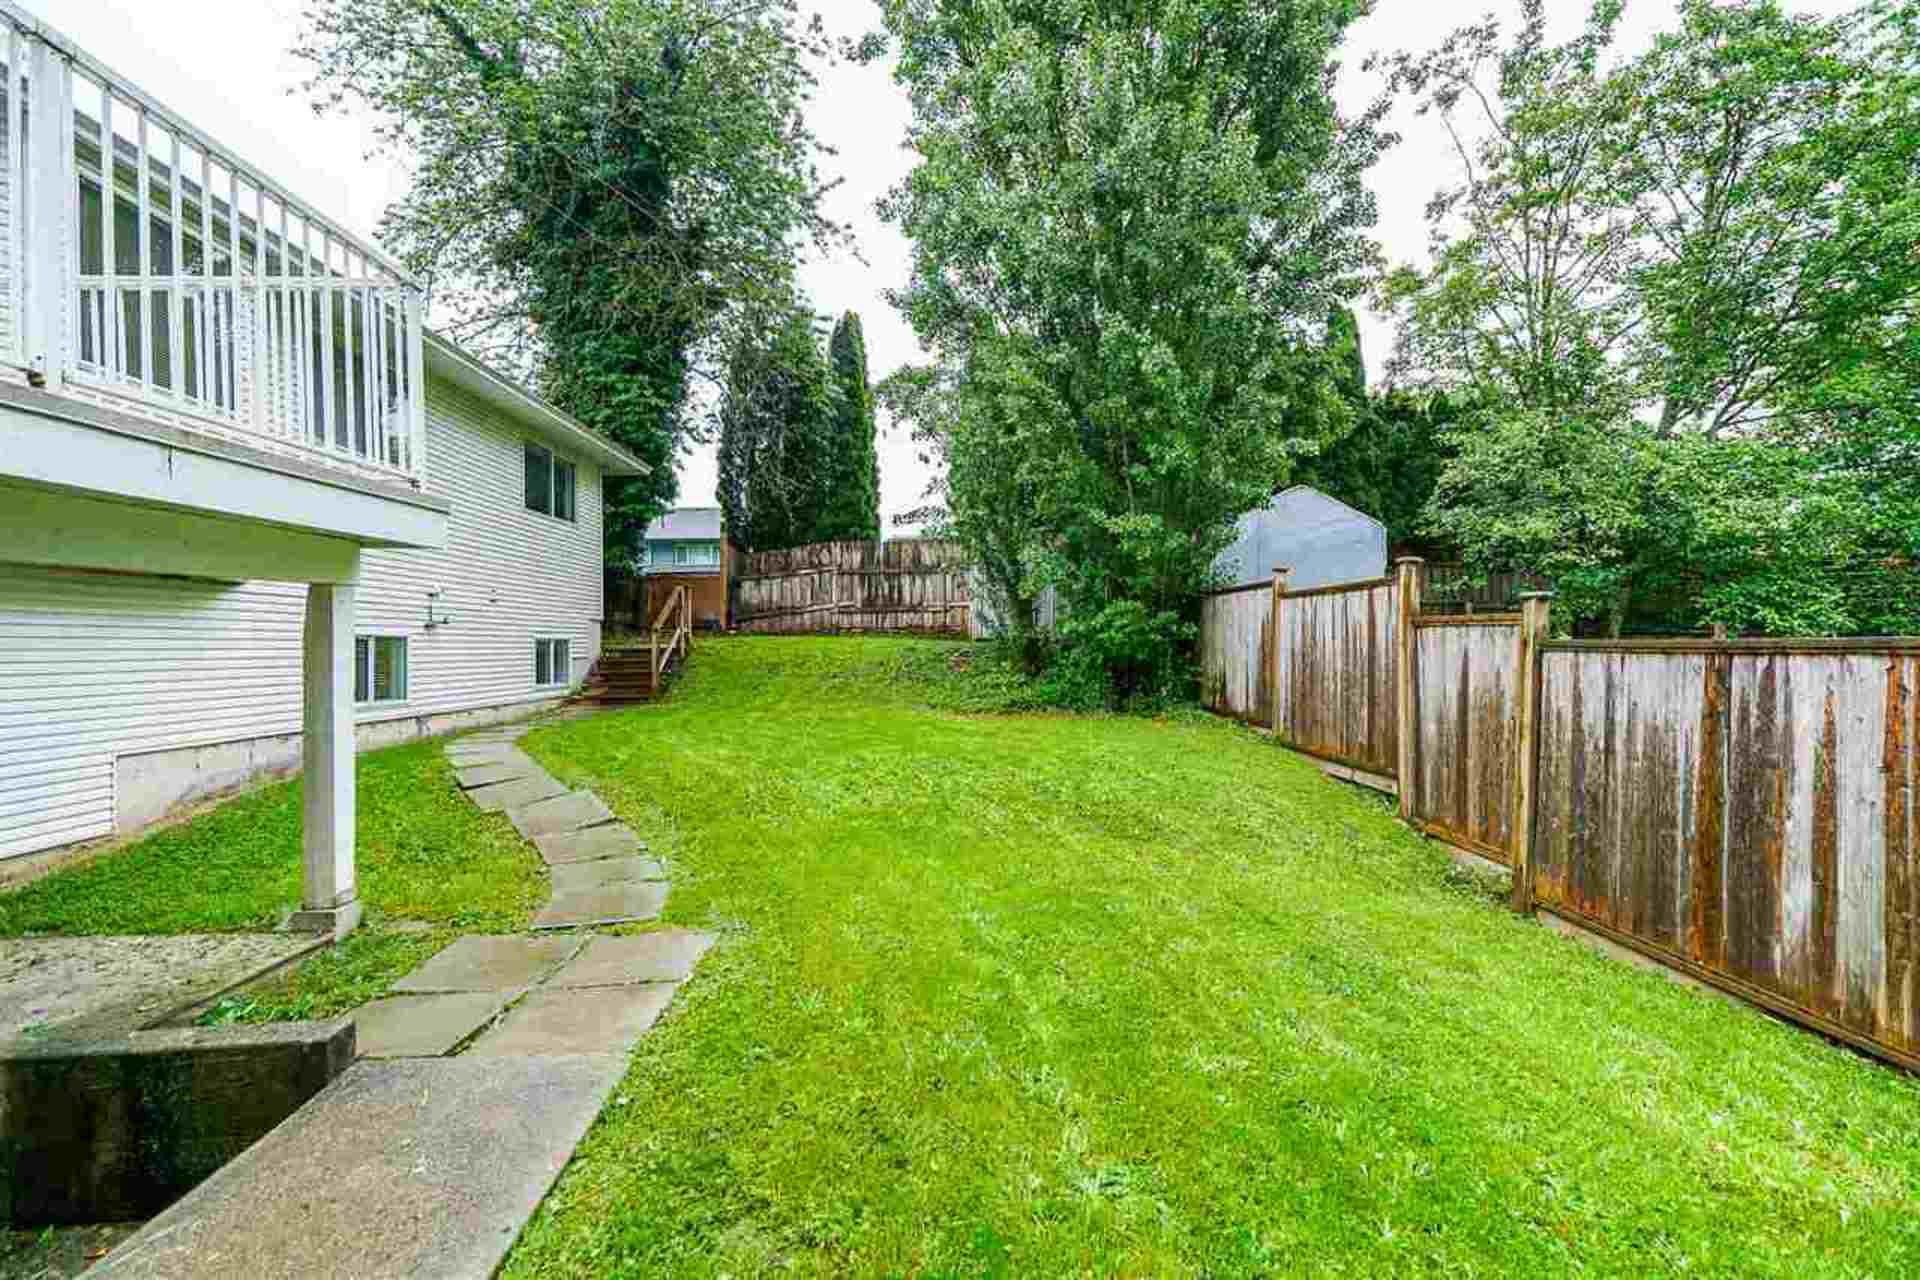 22110-122-avenue-west-central-maple-ridge-27 of 22110 122 Avenue, West Central, Maple Ridge